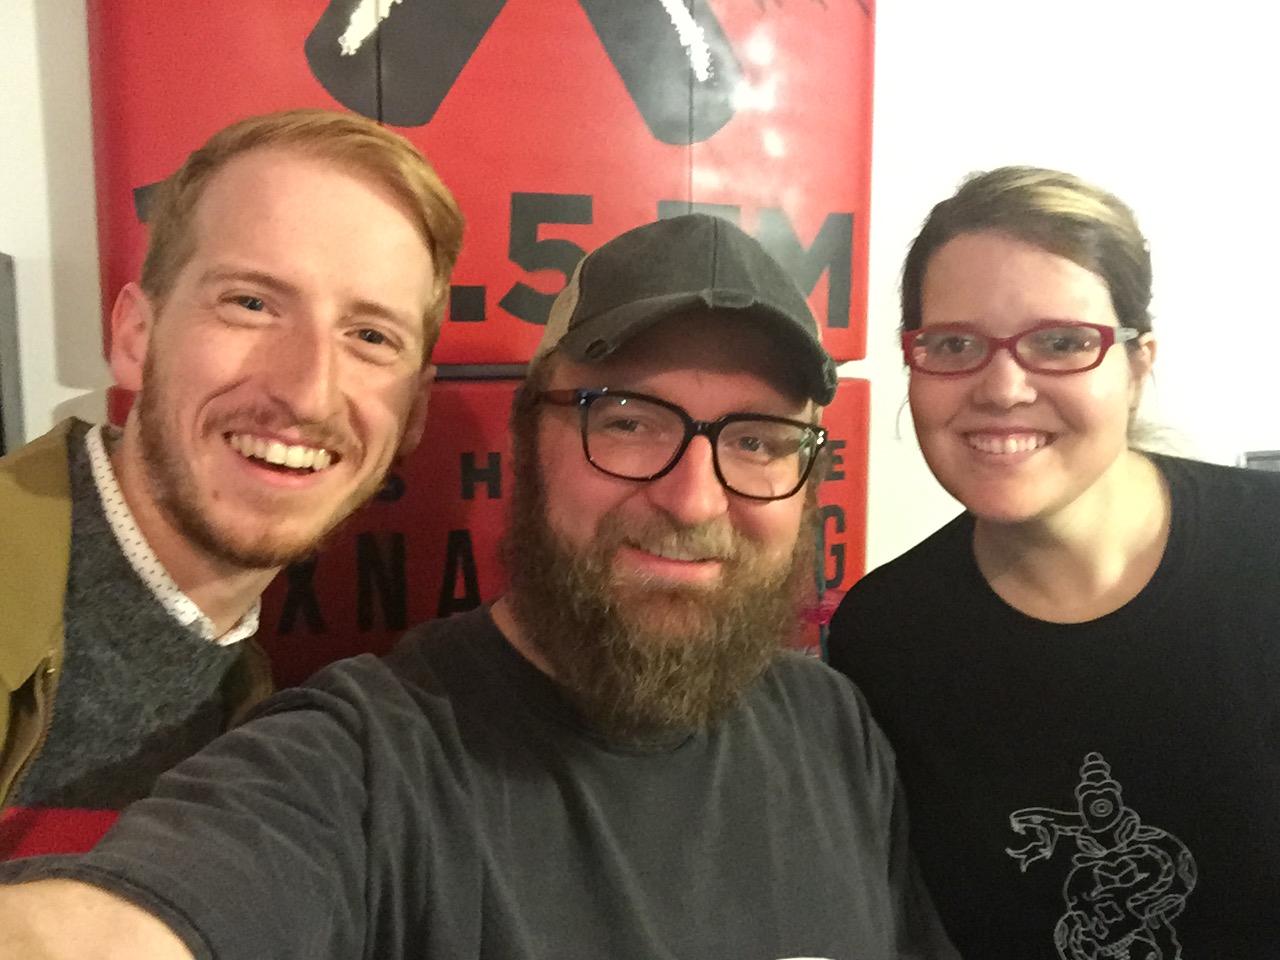 James Austin Johnson, Chad Riden, Mary Jay Berger at WXNA 11/23/2016